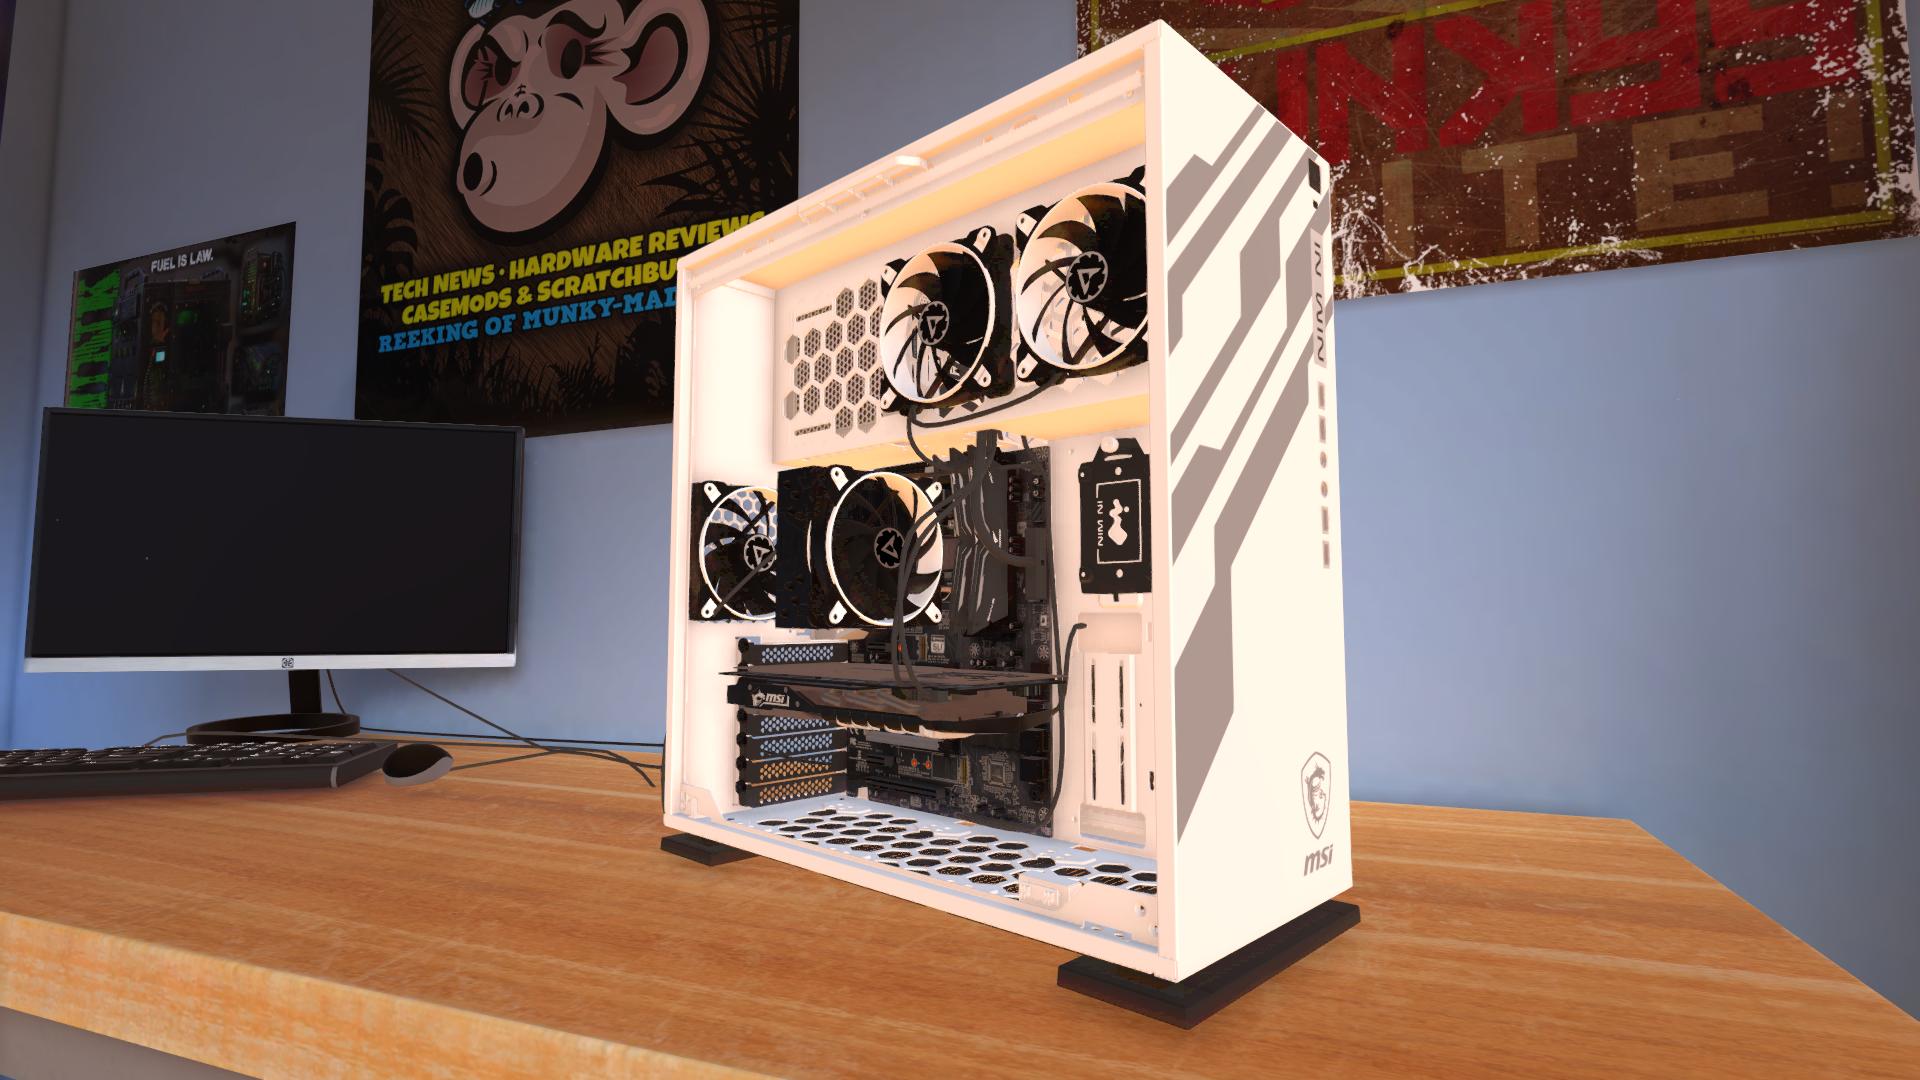 PC Building Simulator :: In Win's 303-MSI Dragon Edition is